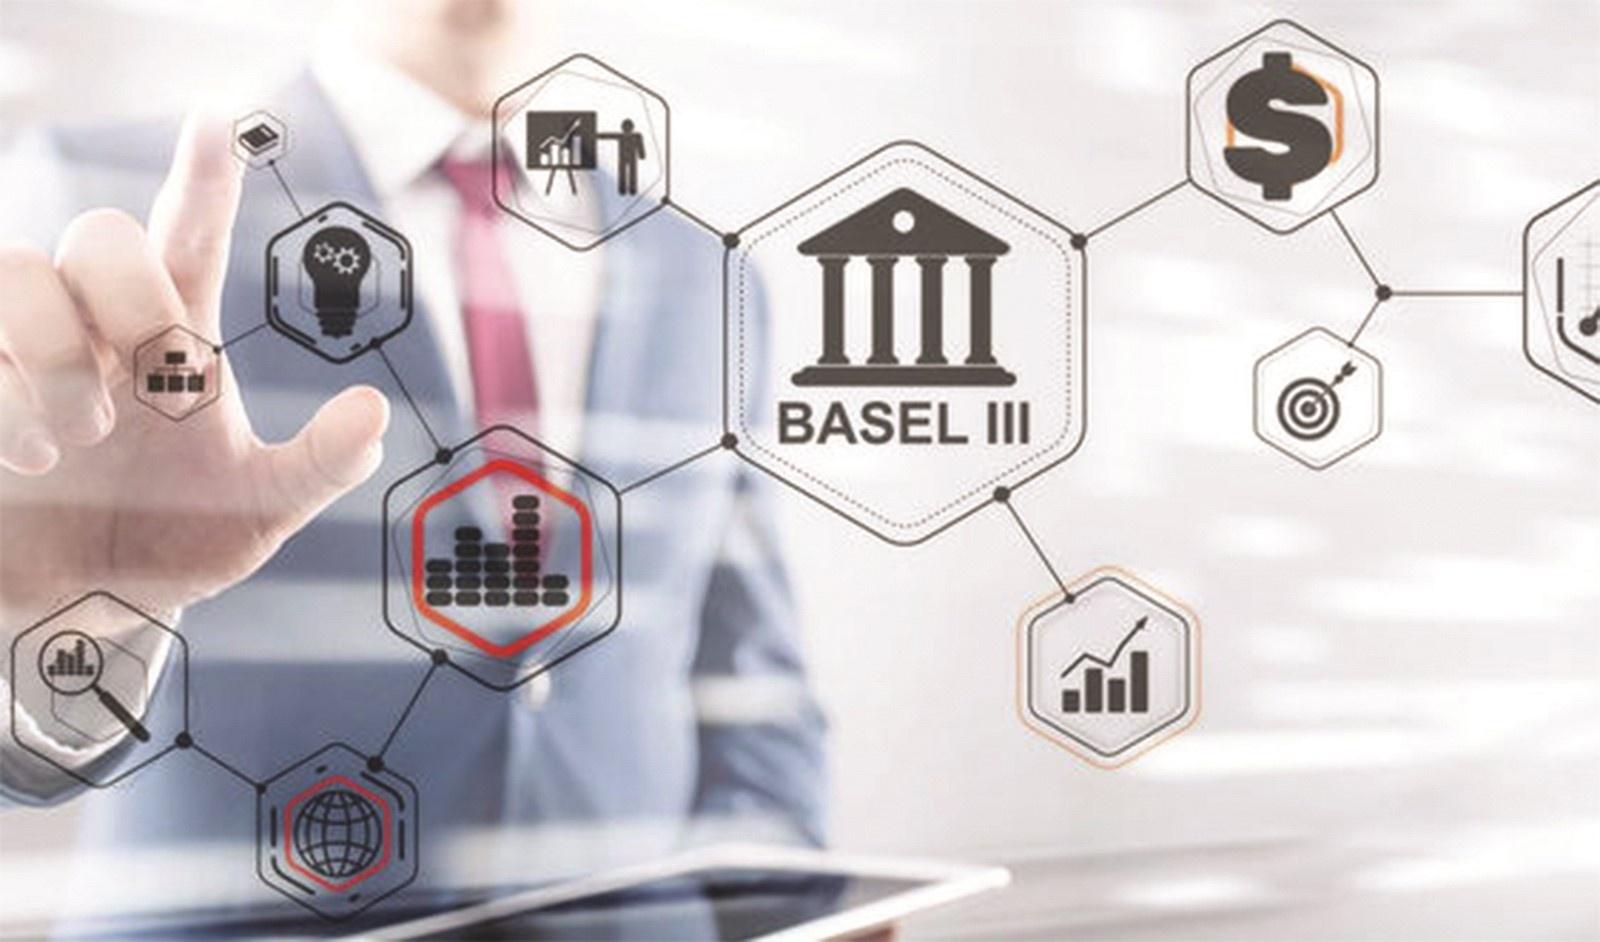 Ngân hàng tính đường dài với Basel III